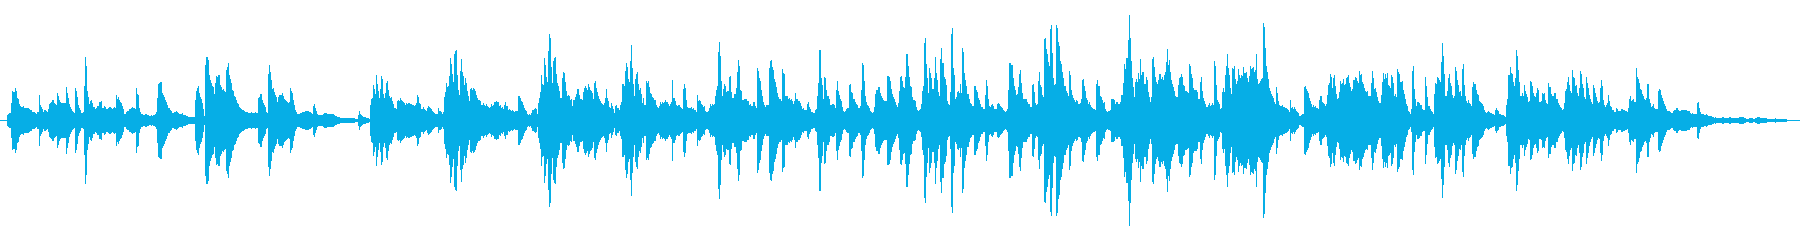 オリエンタル/優雅/ピアノ生演奏の再生済みの波形